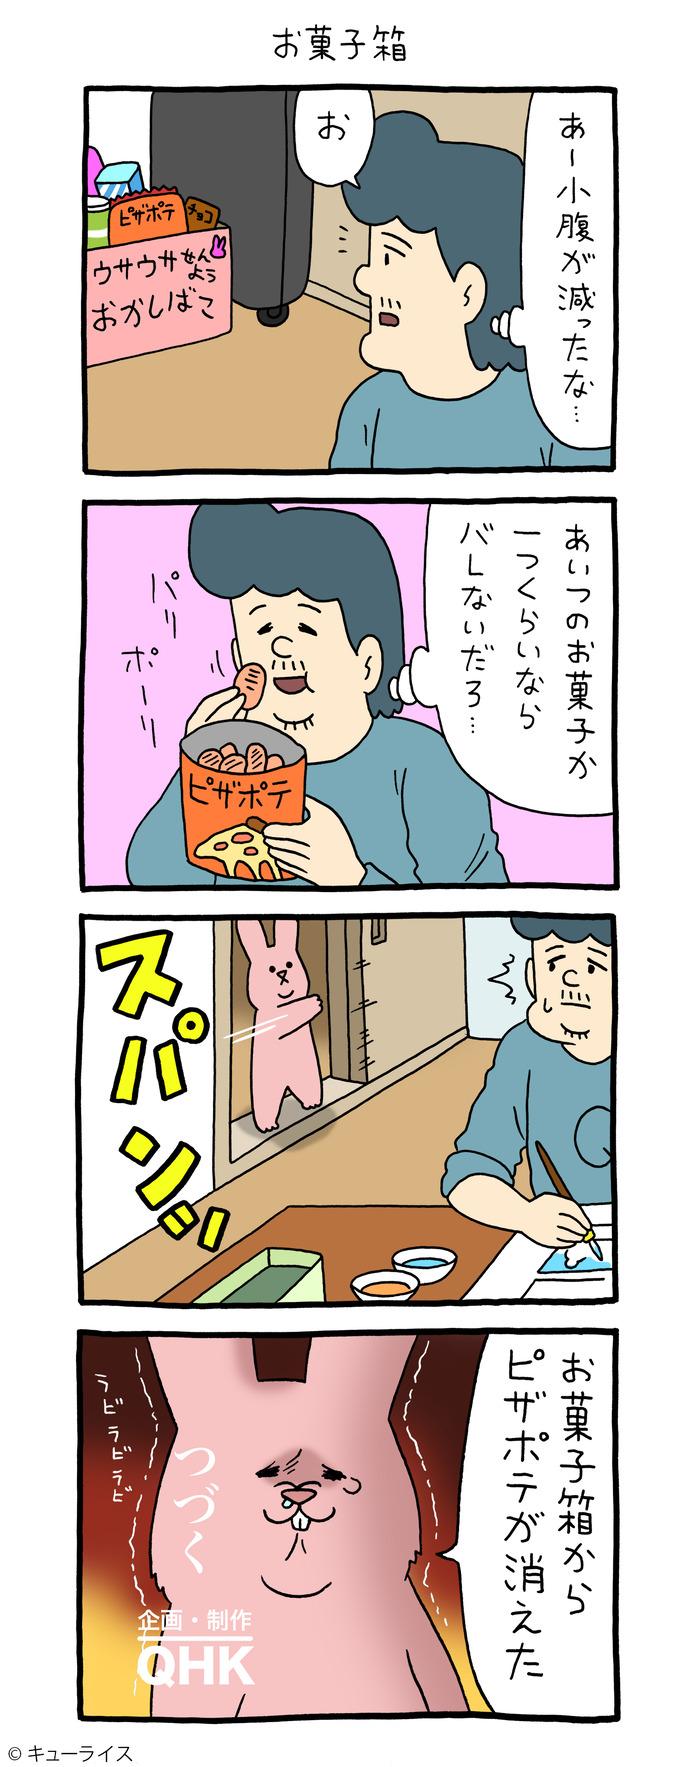 スキウサギ ピザポテ お菓子箱ー1 のコピー